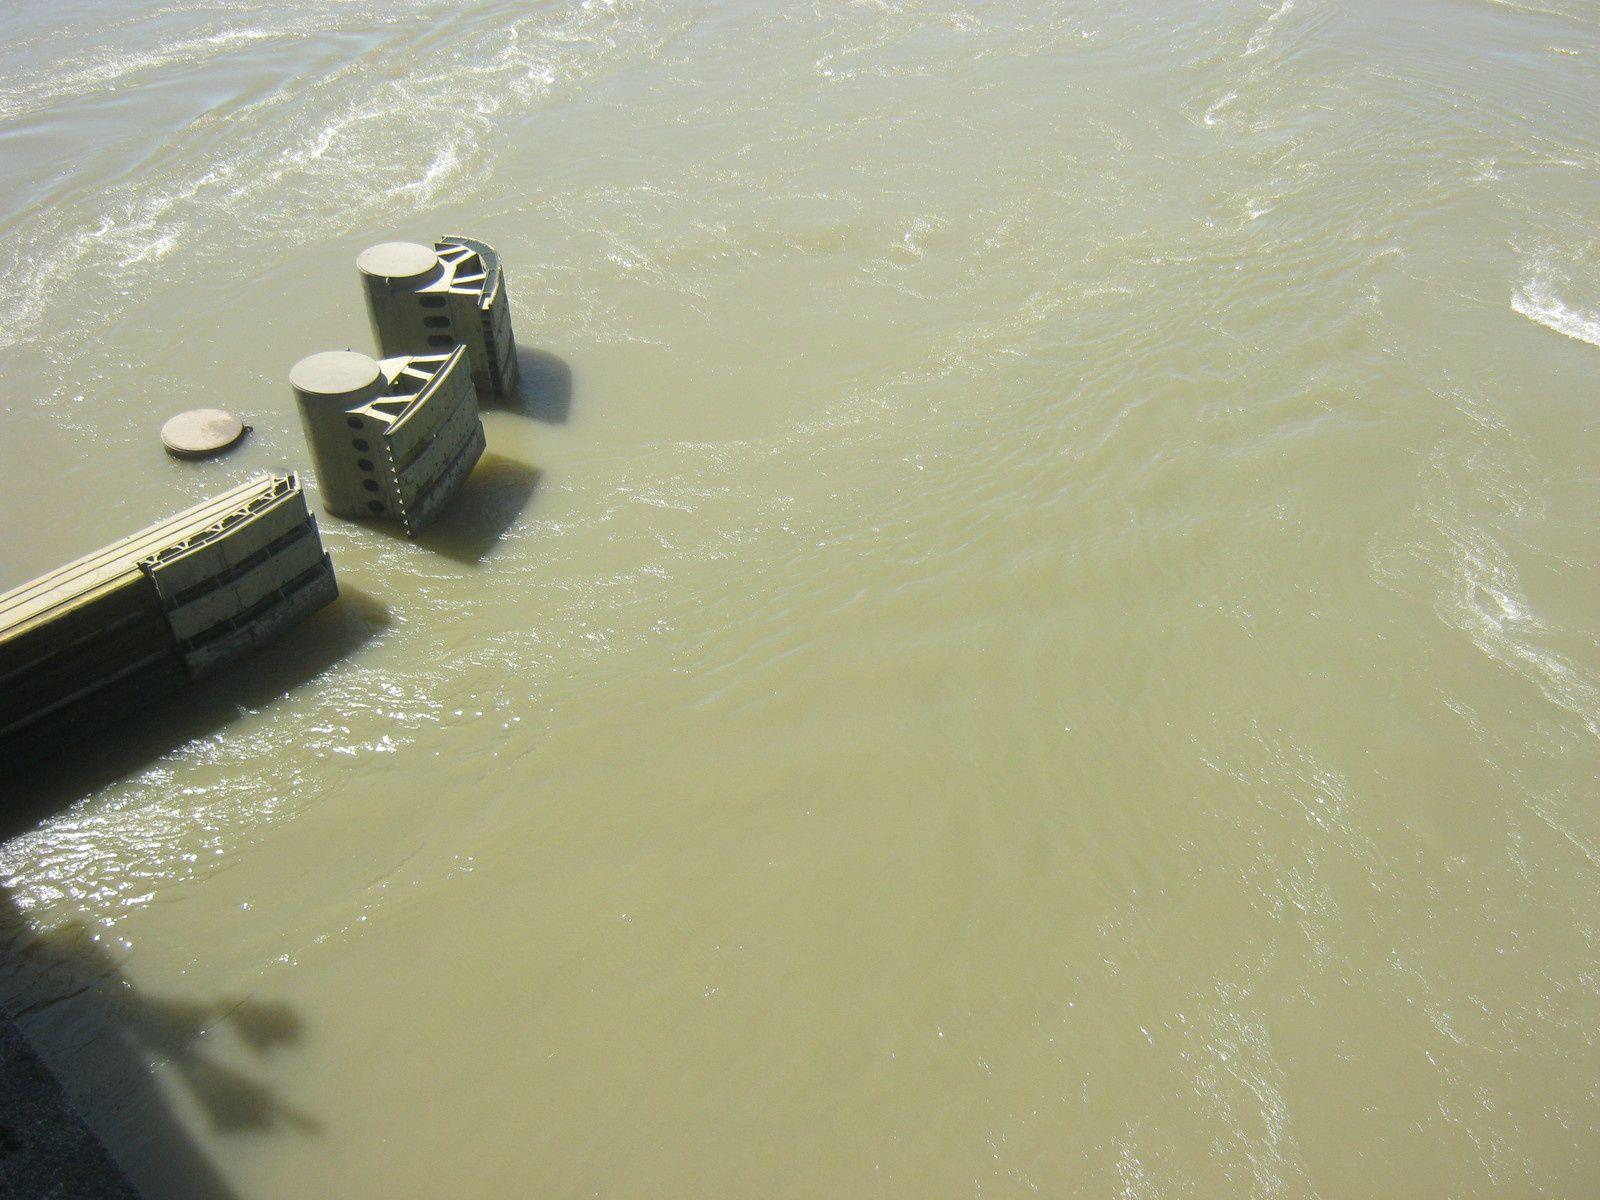 Protections des piles du pont dites Ducs-D'Albe